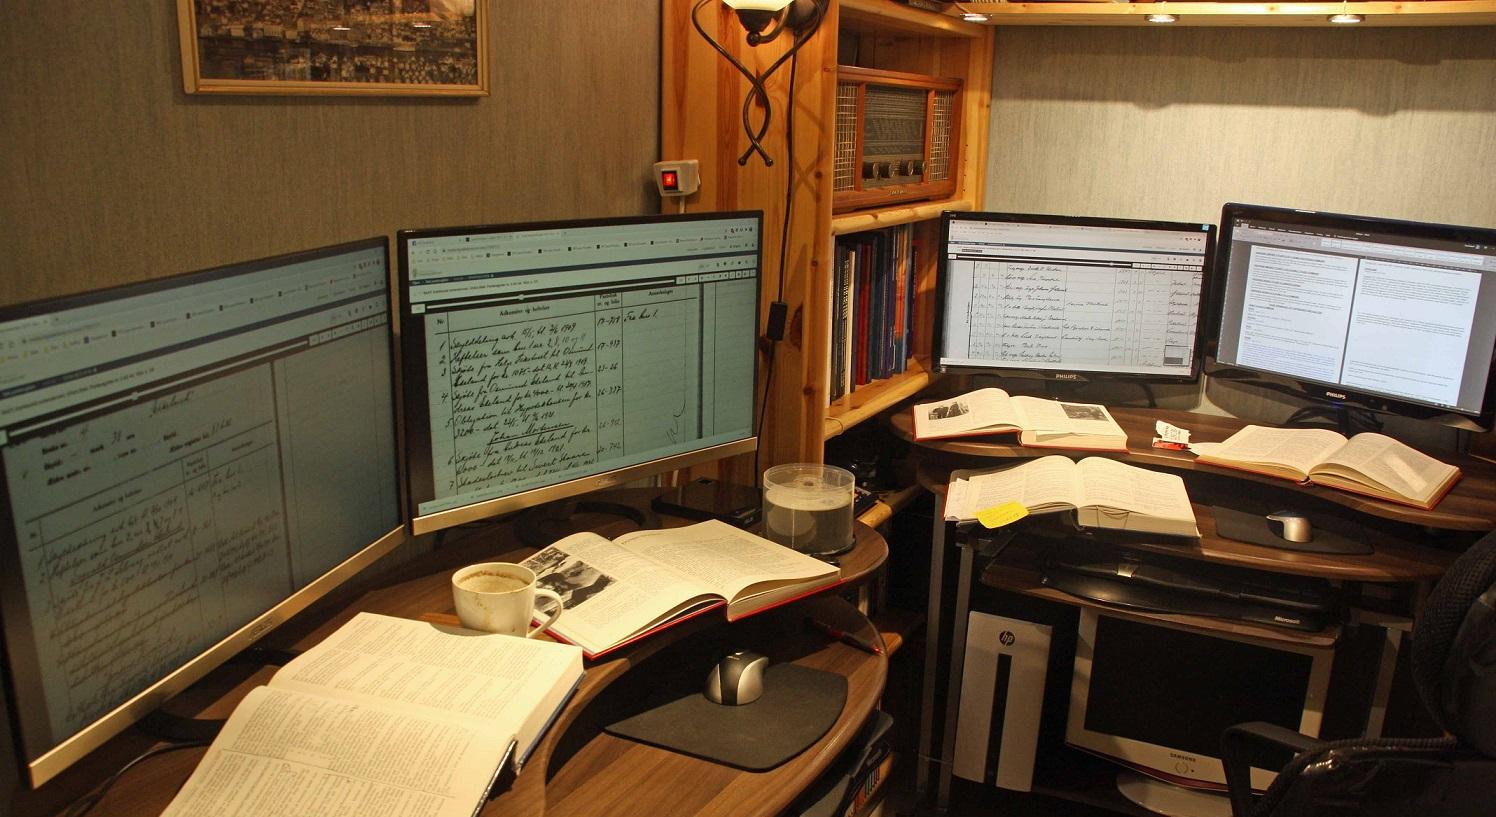 Retting og korrigering i bygdebøker